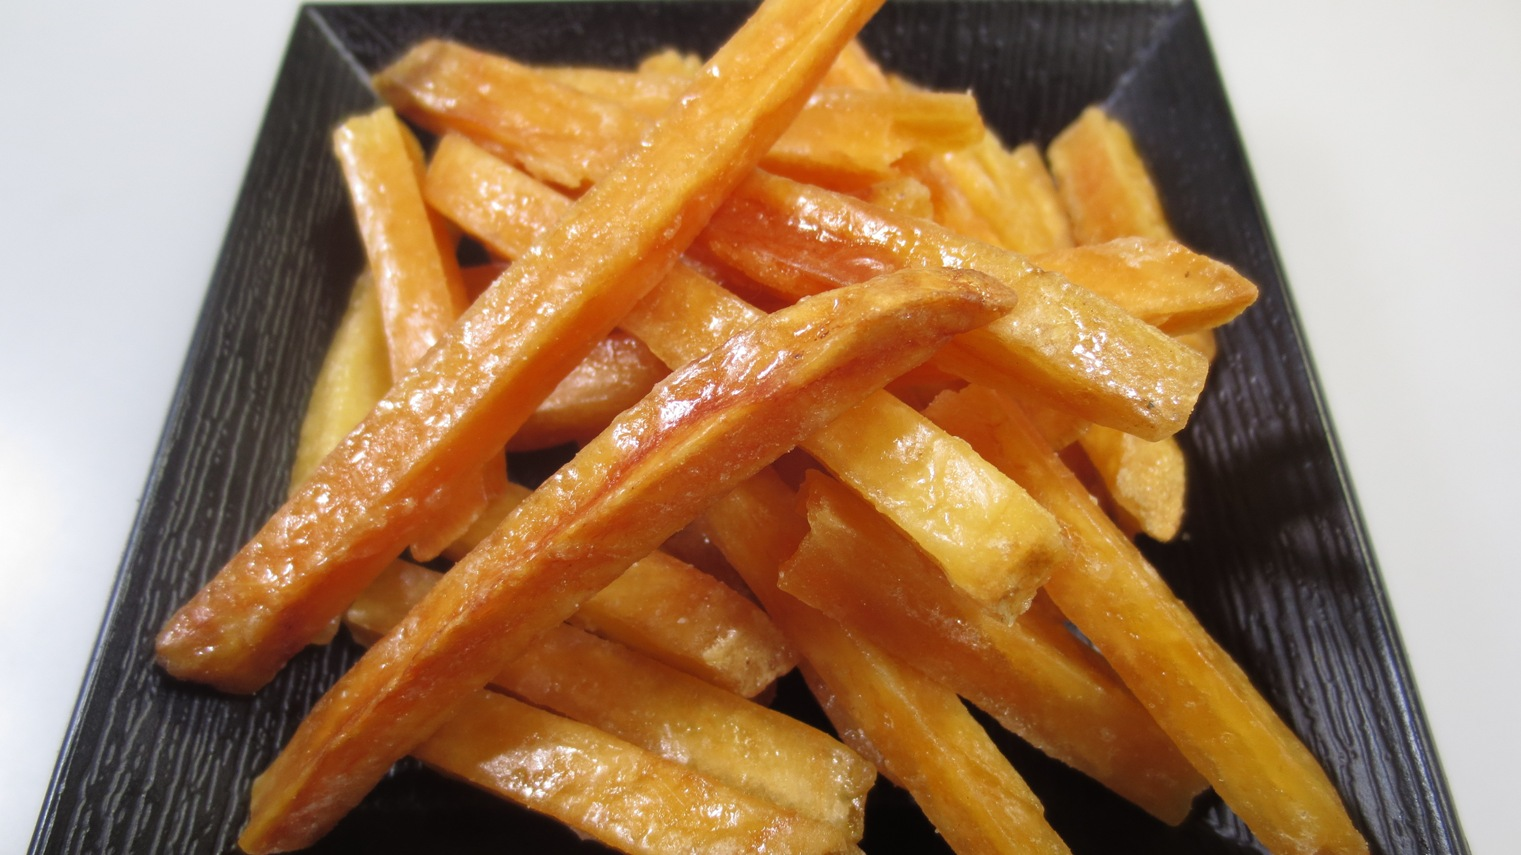 もう買わなくていい!お家で作れる美味しい芋けんぴのレシピをご紹介のサムネイル画像